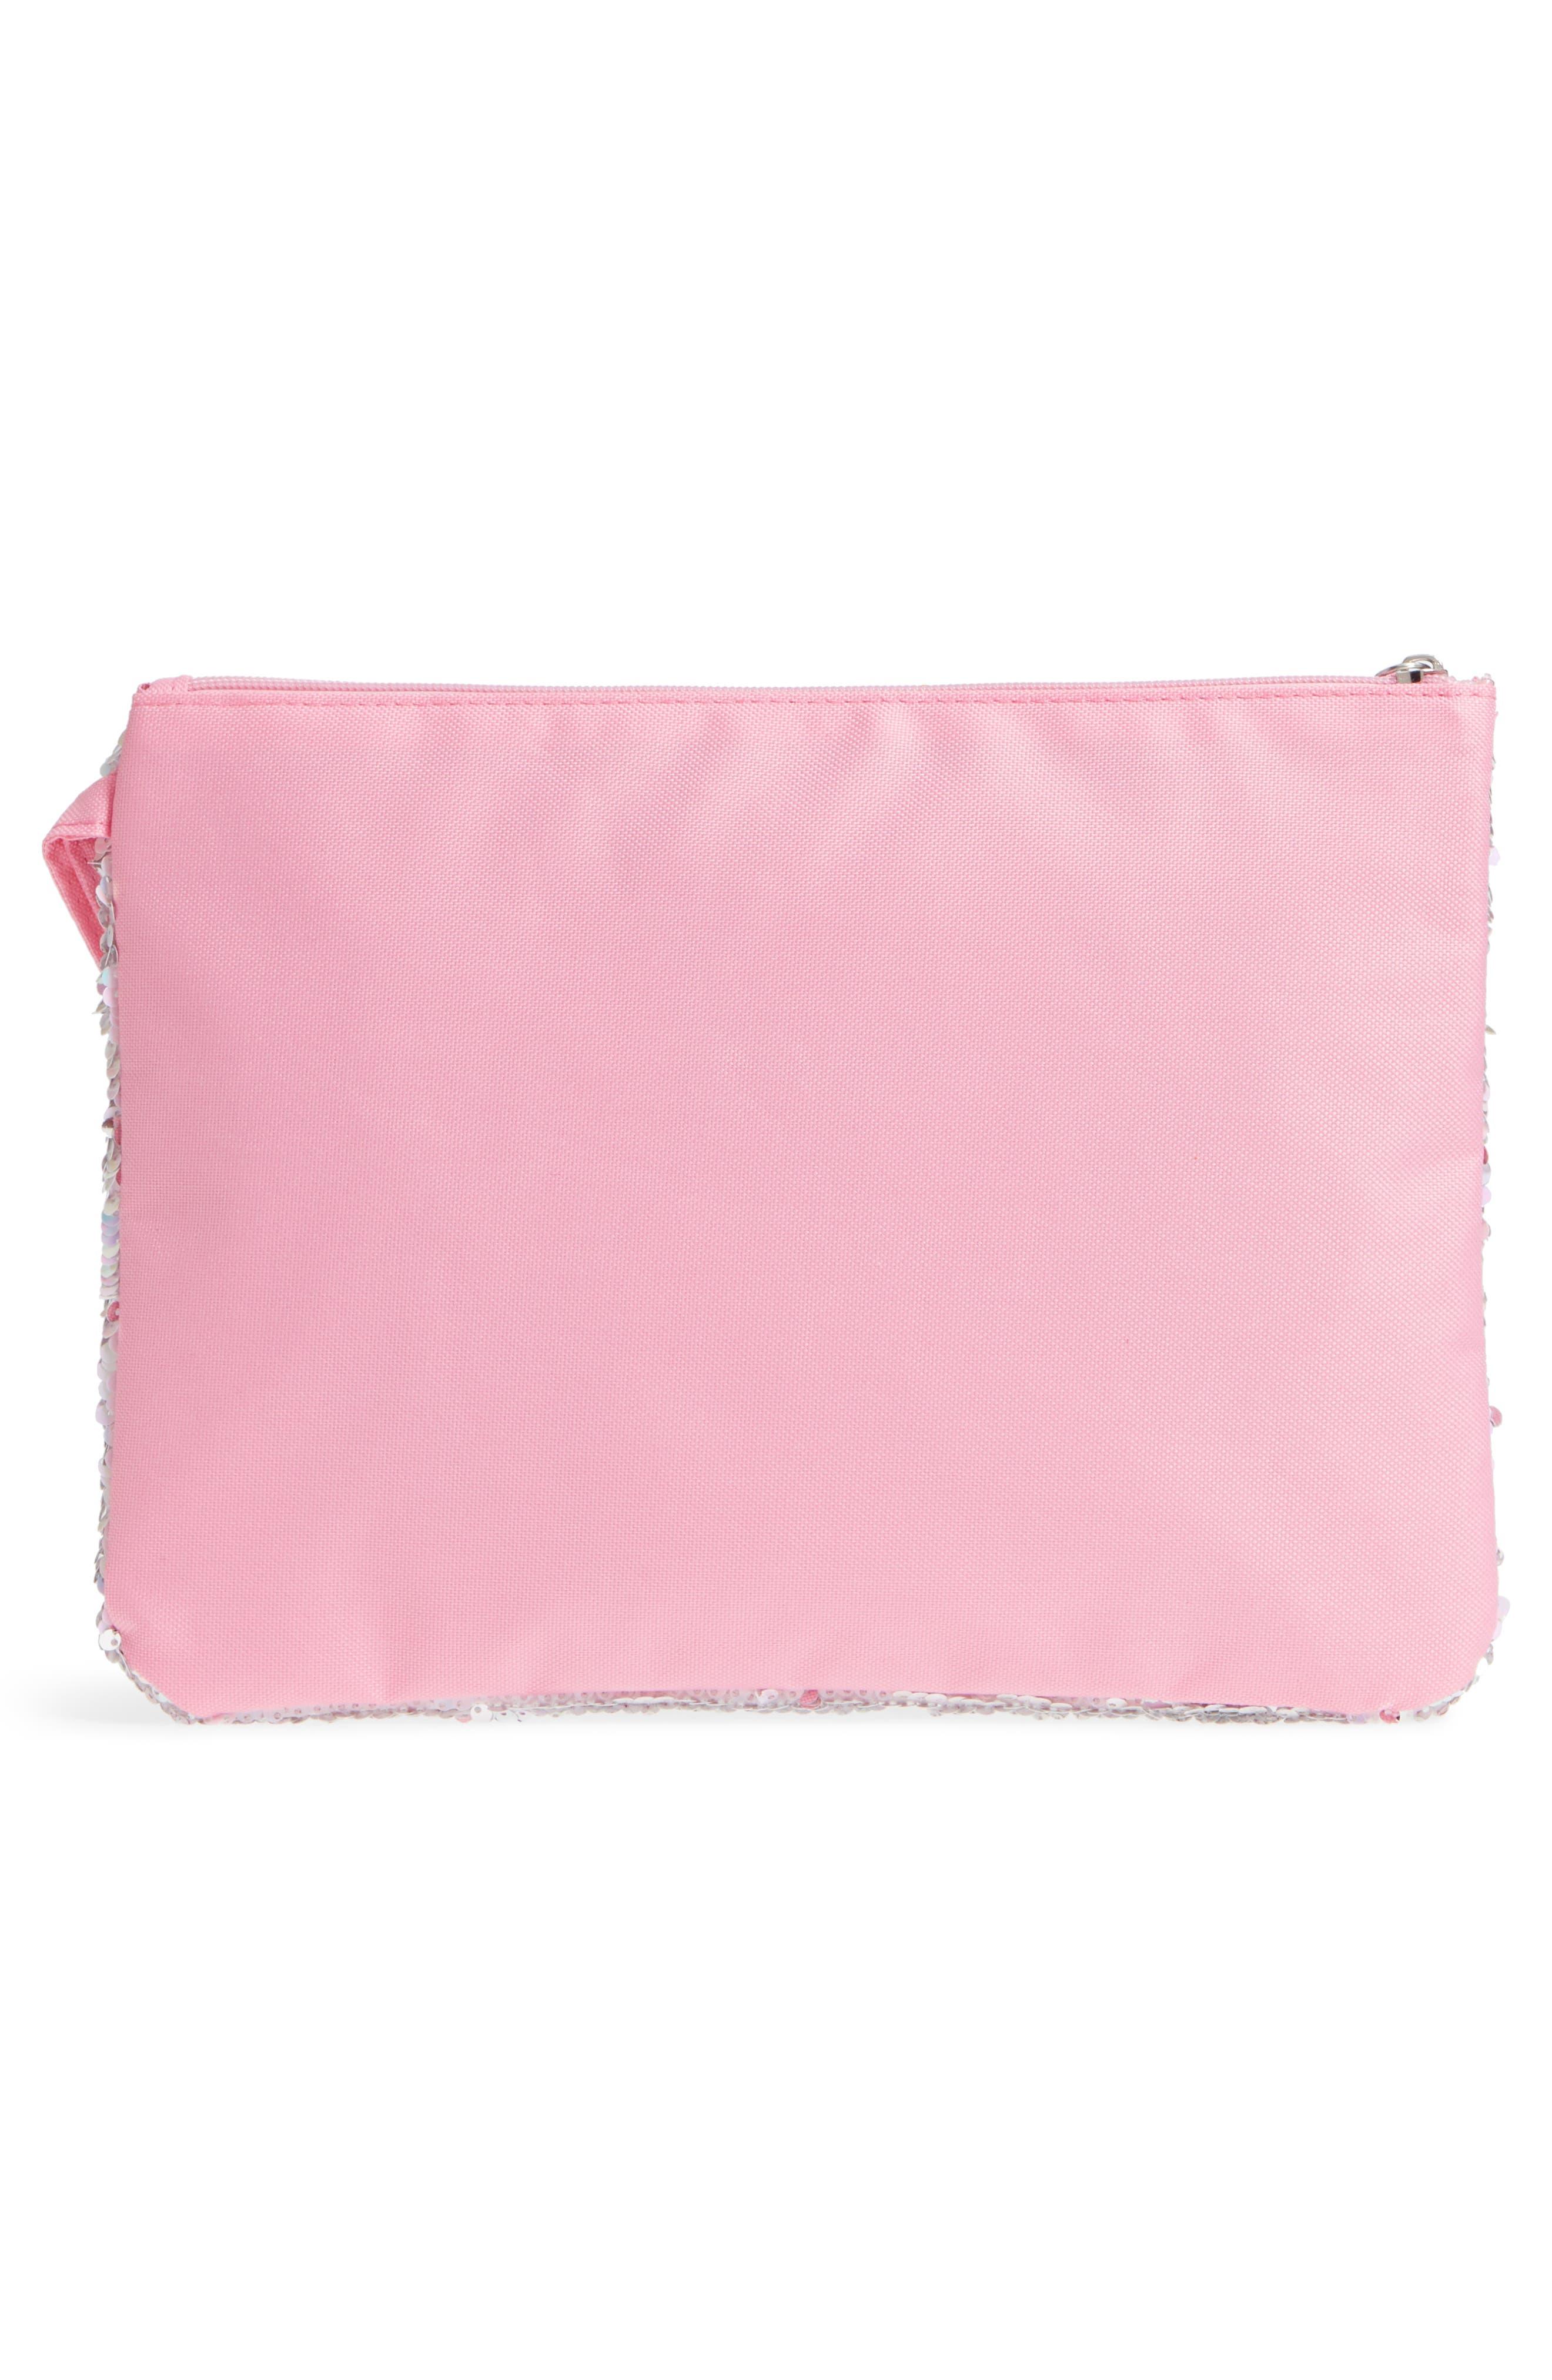 Sequin Bikini Bag,                             Alternate thumbnail 3, color,                             650